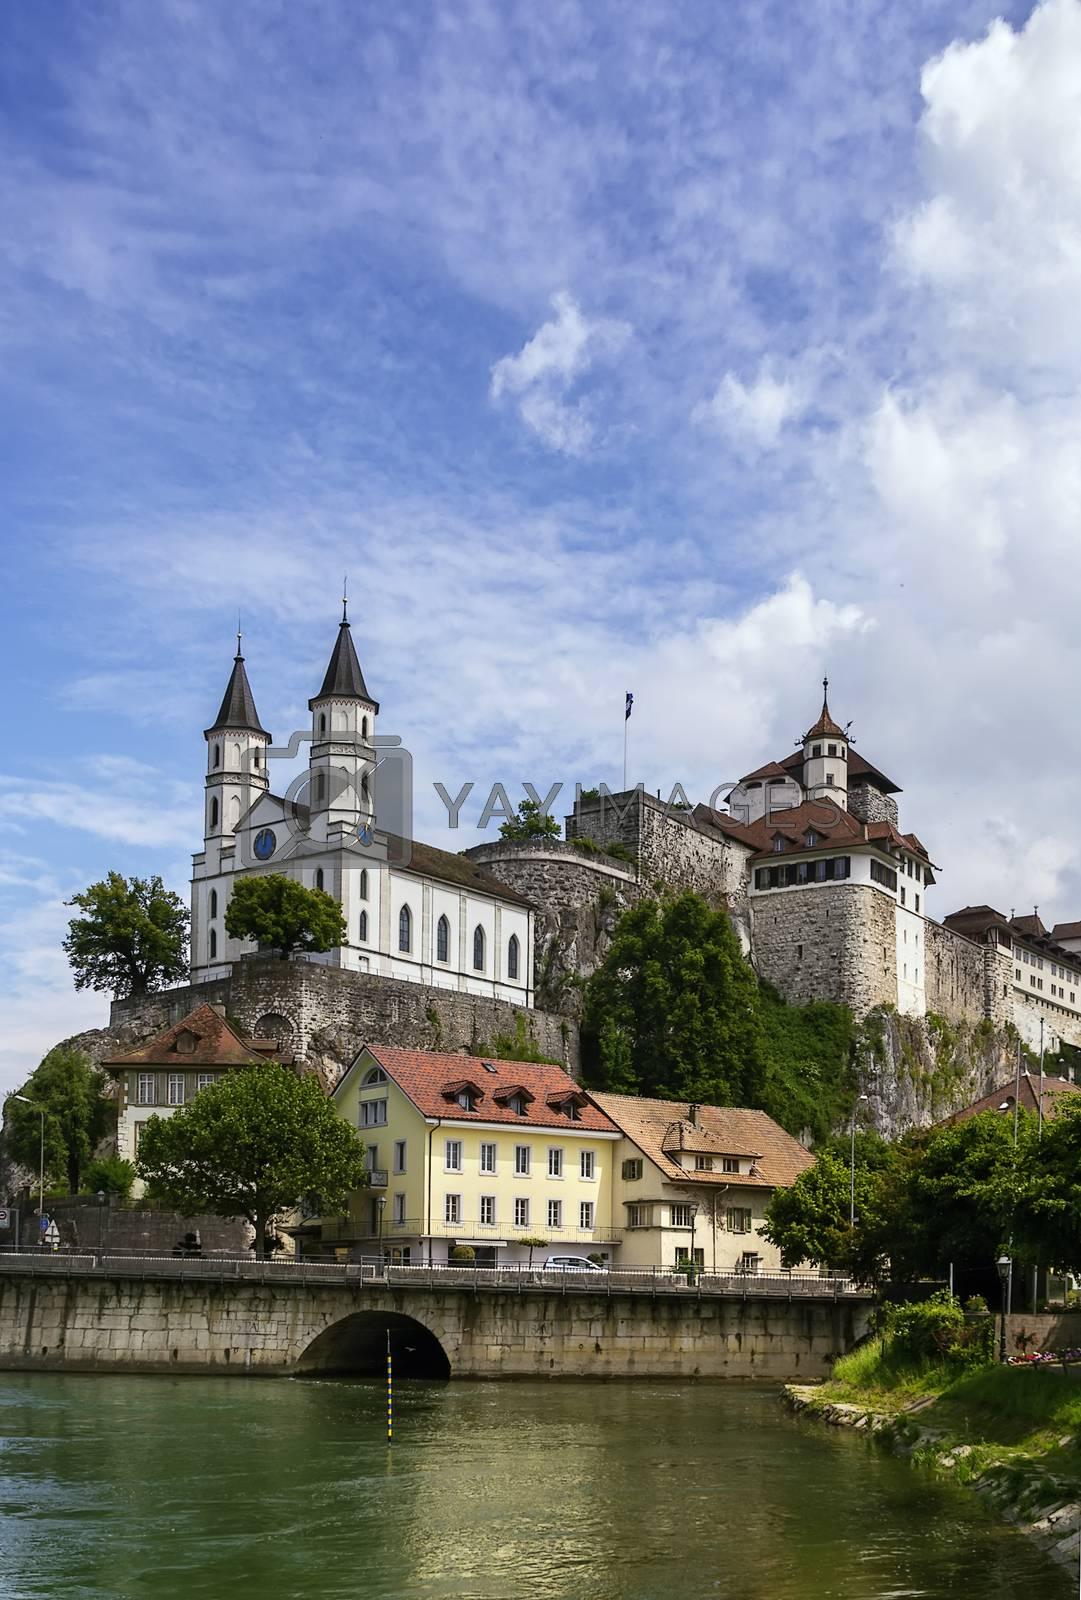 Aarburg Castle by borisb17